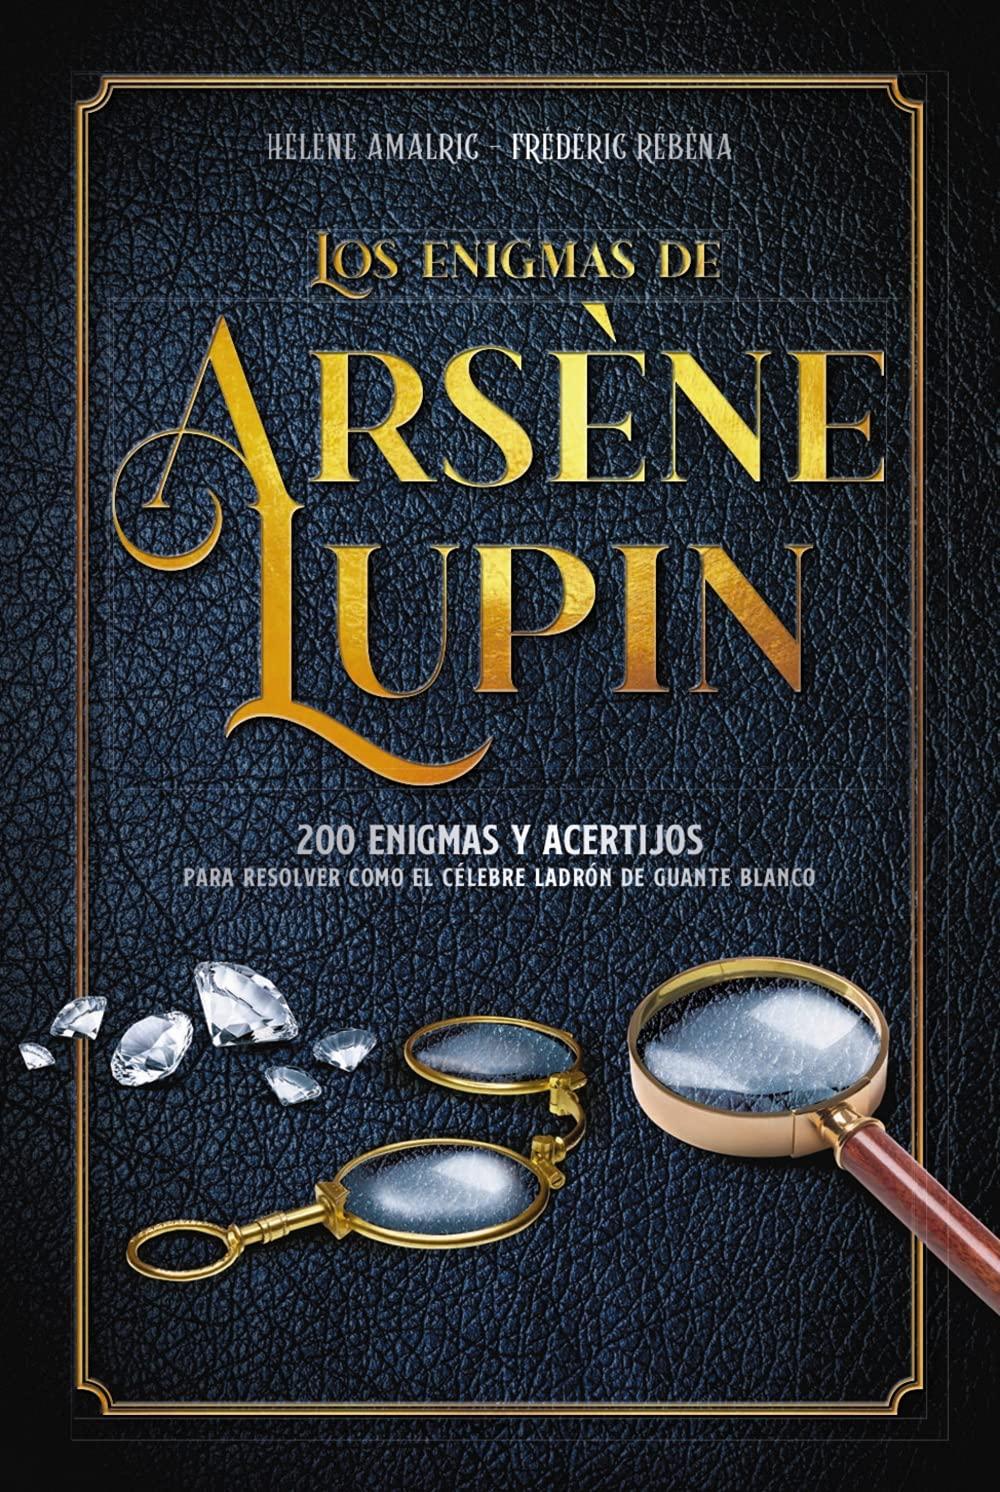 Los enigmas de Arsène Lupin, de Hélène Amalric